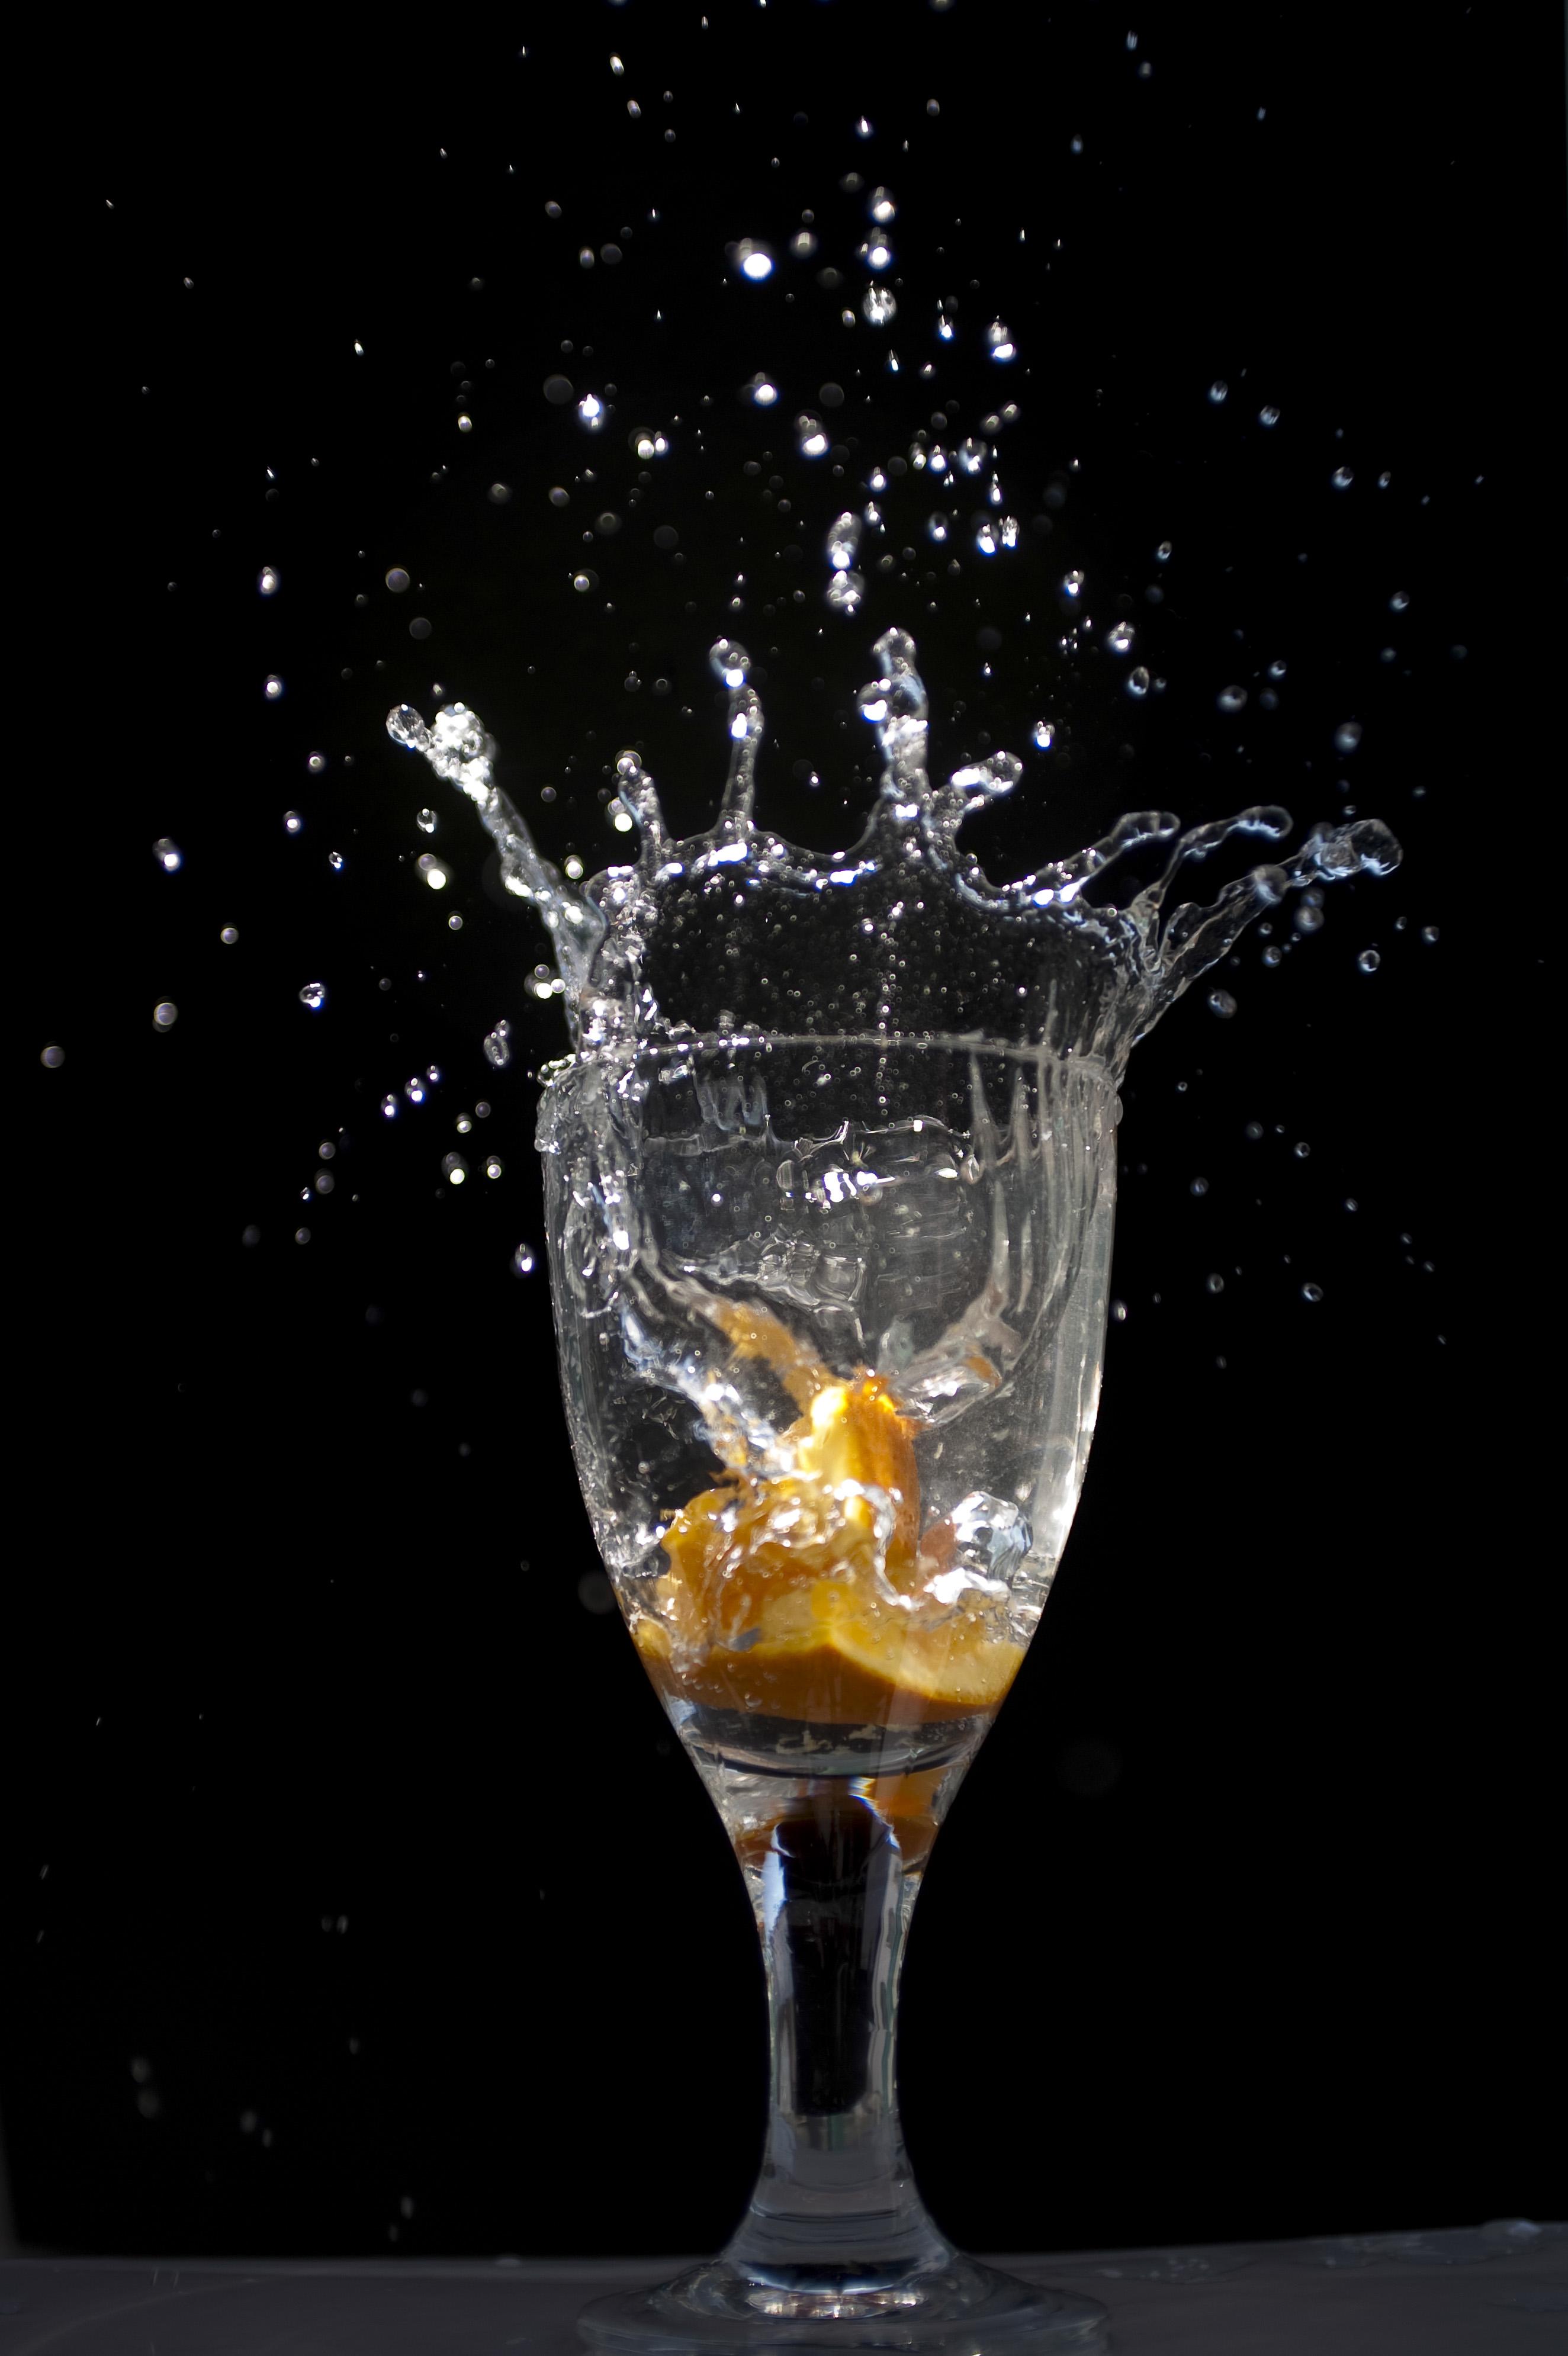 Fotokurs: Splash